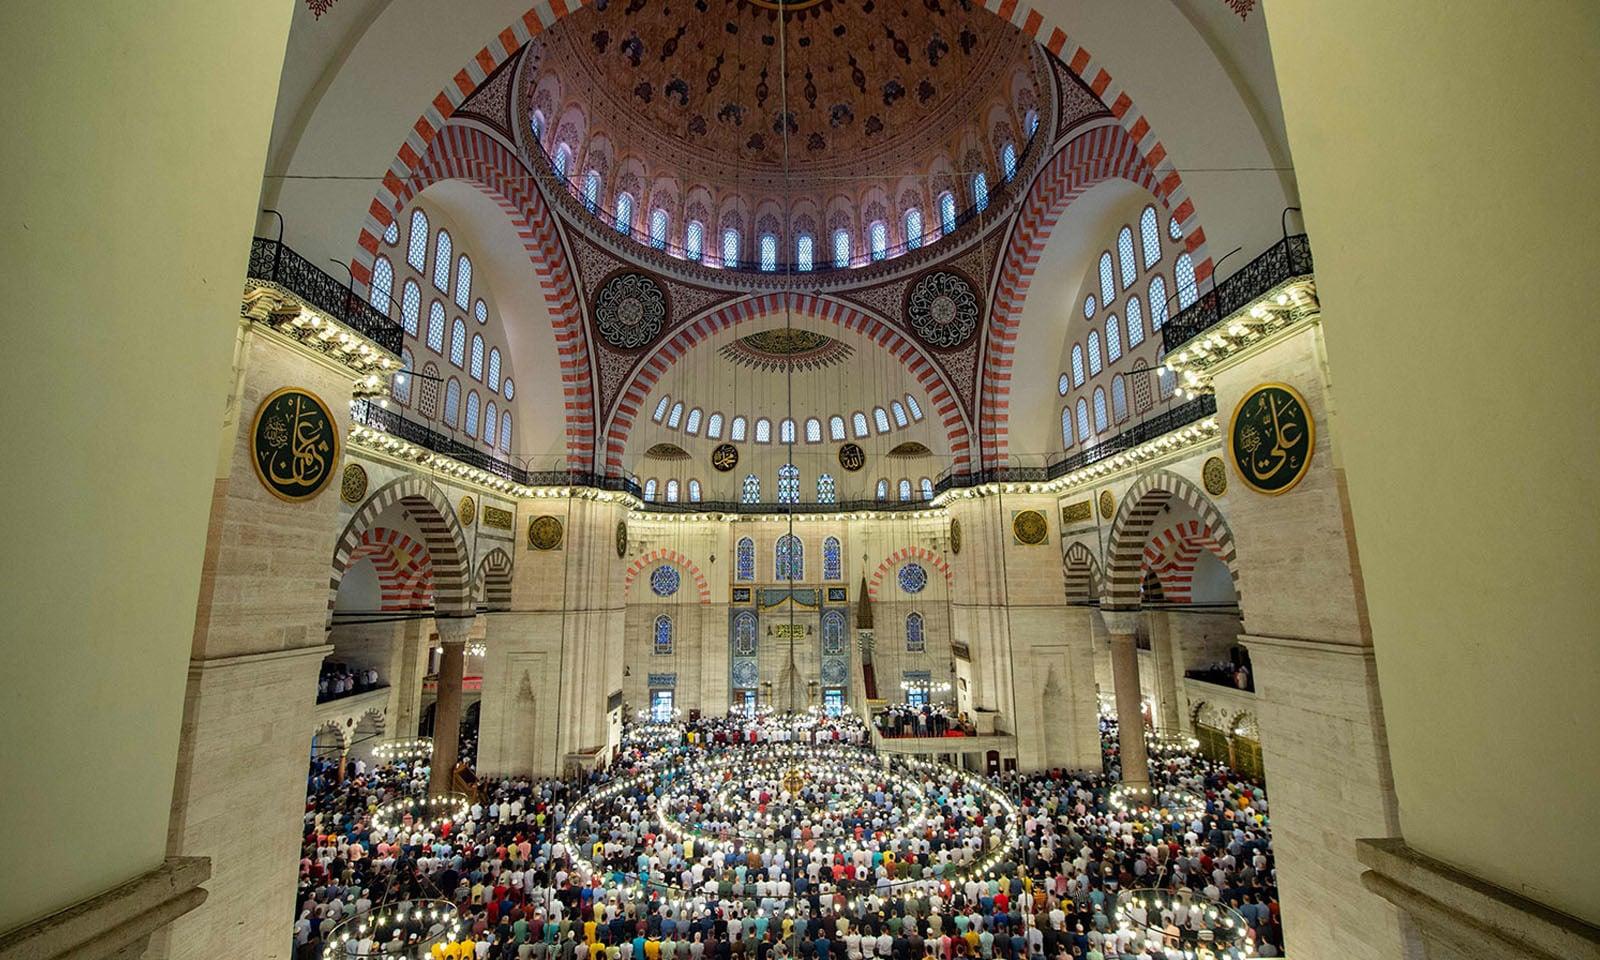 استنبول کی مسجد میں عید کے موقع پر مسلمانوں کی بڑی تعداد جمع ہوئی —فوٹو/ اے ایف پی